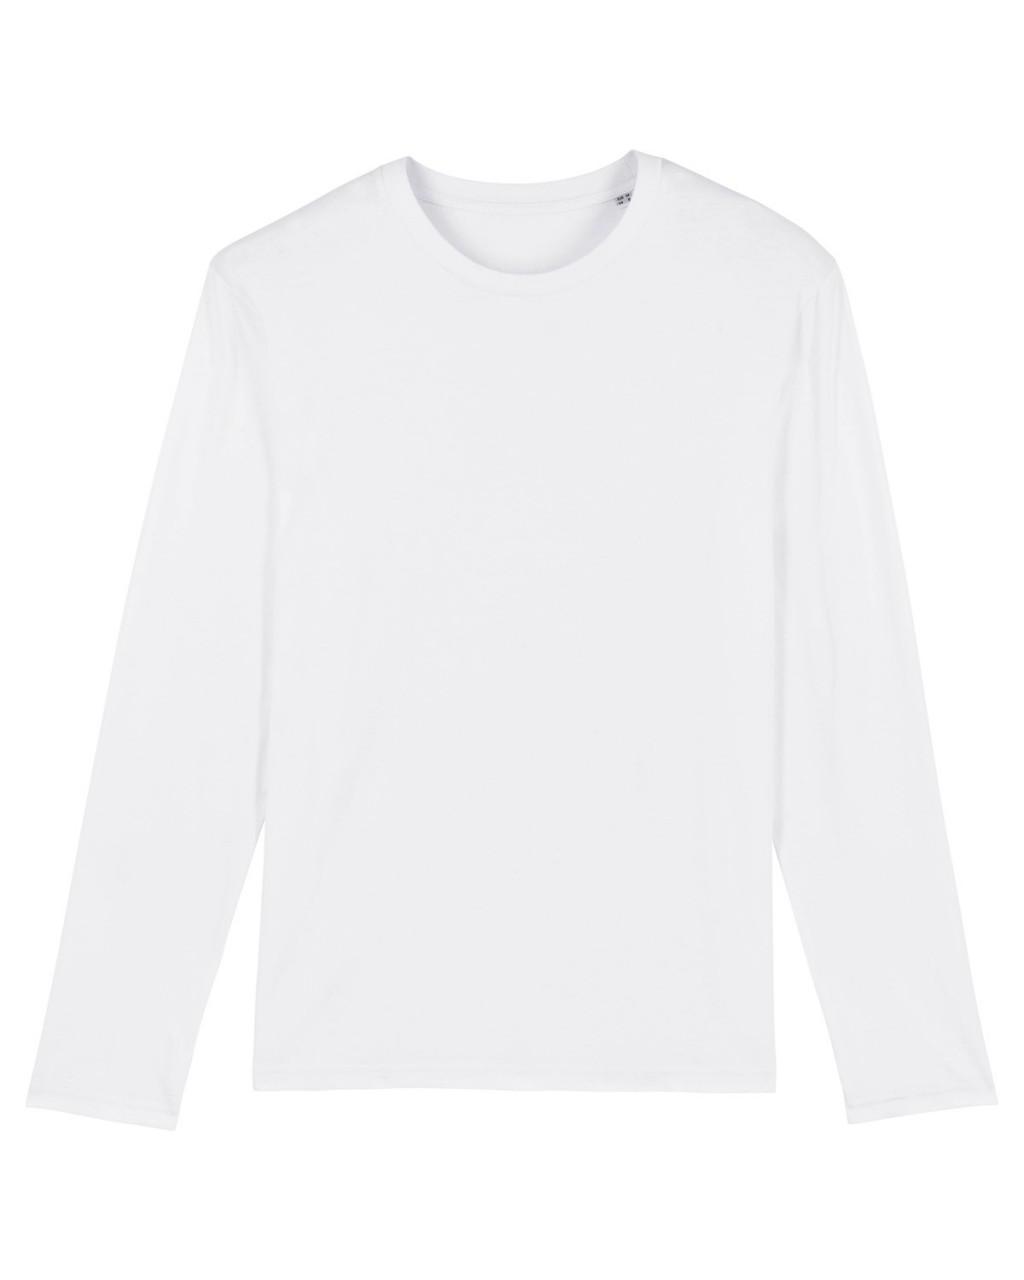 MS Regular Fit Longsleeve white